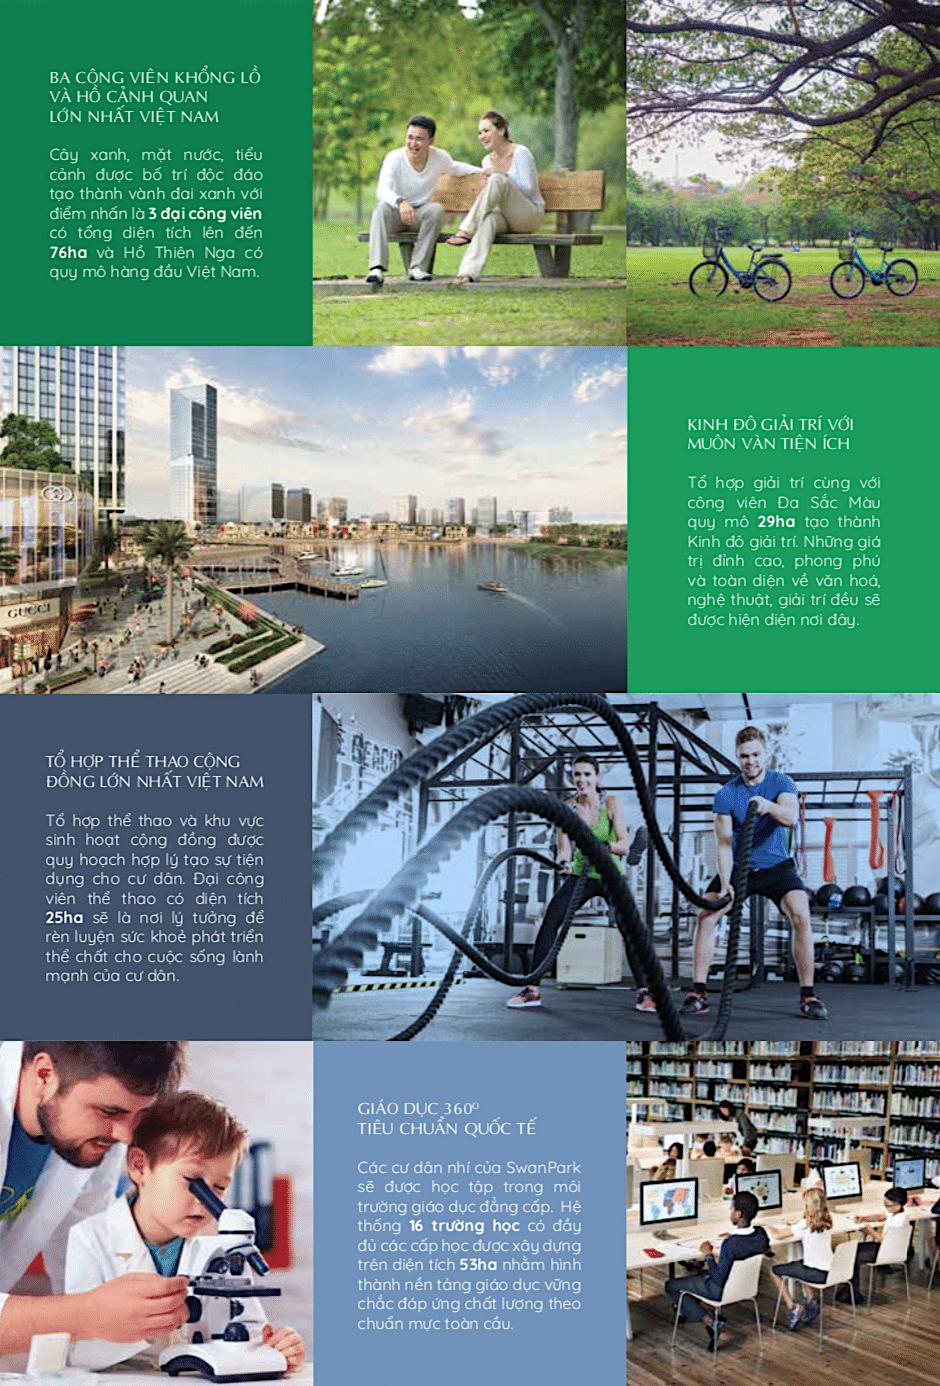 dự án swanpark đẳng cấp quốc tế